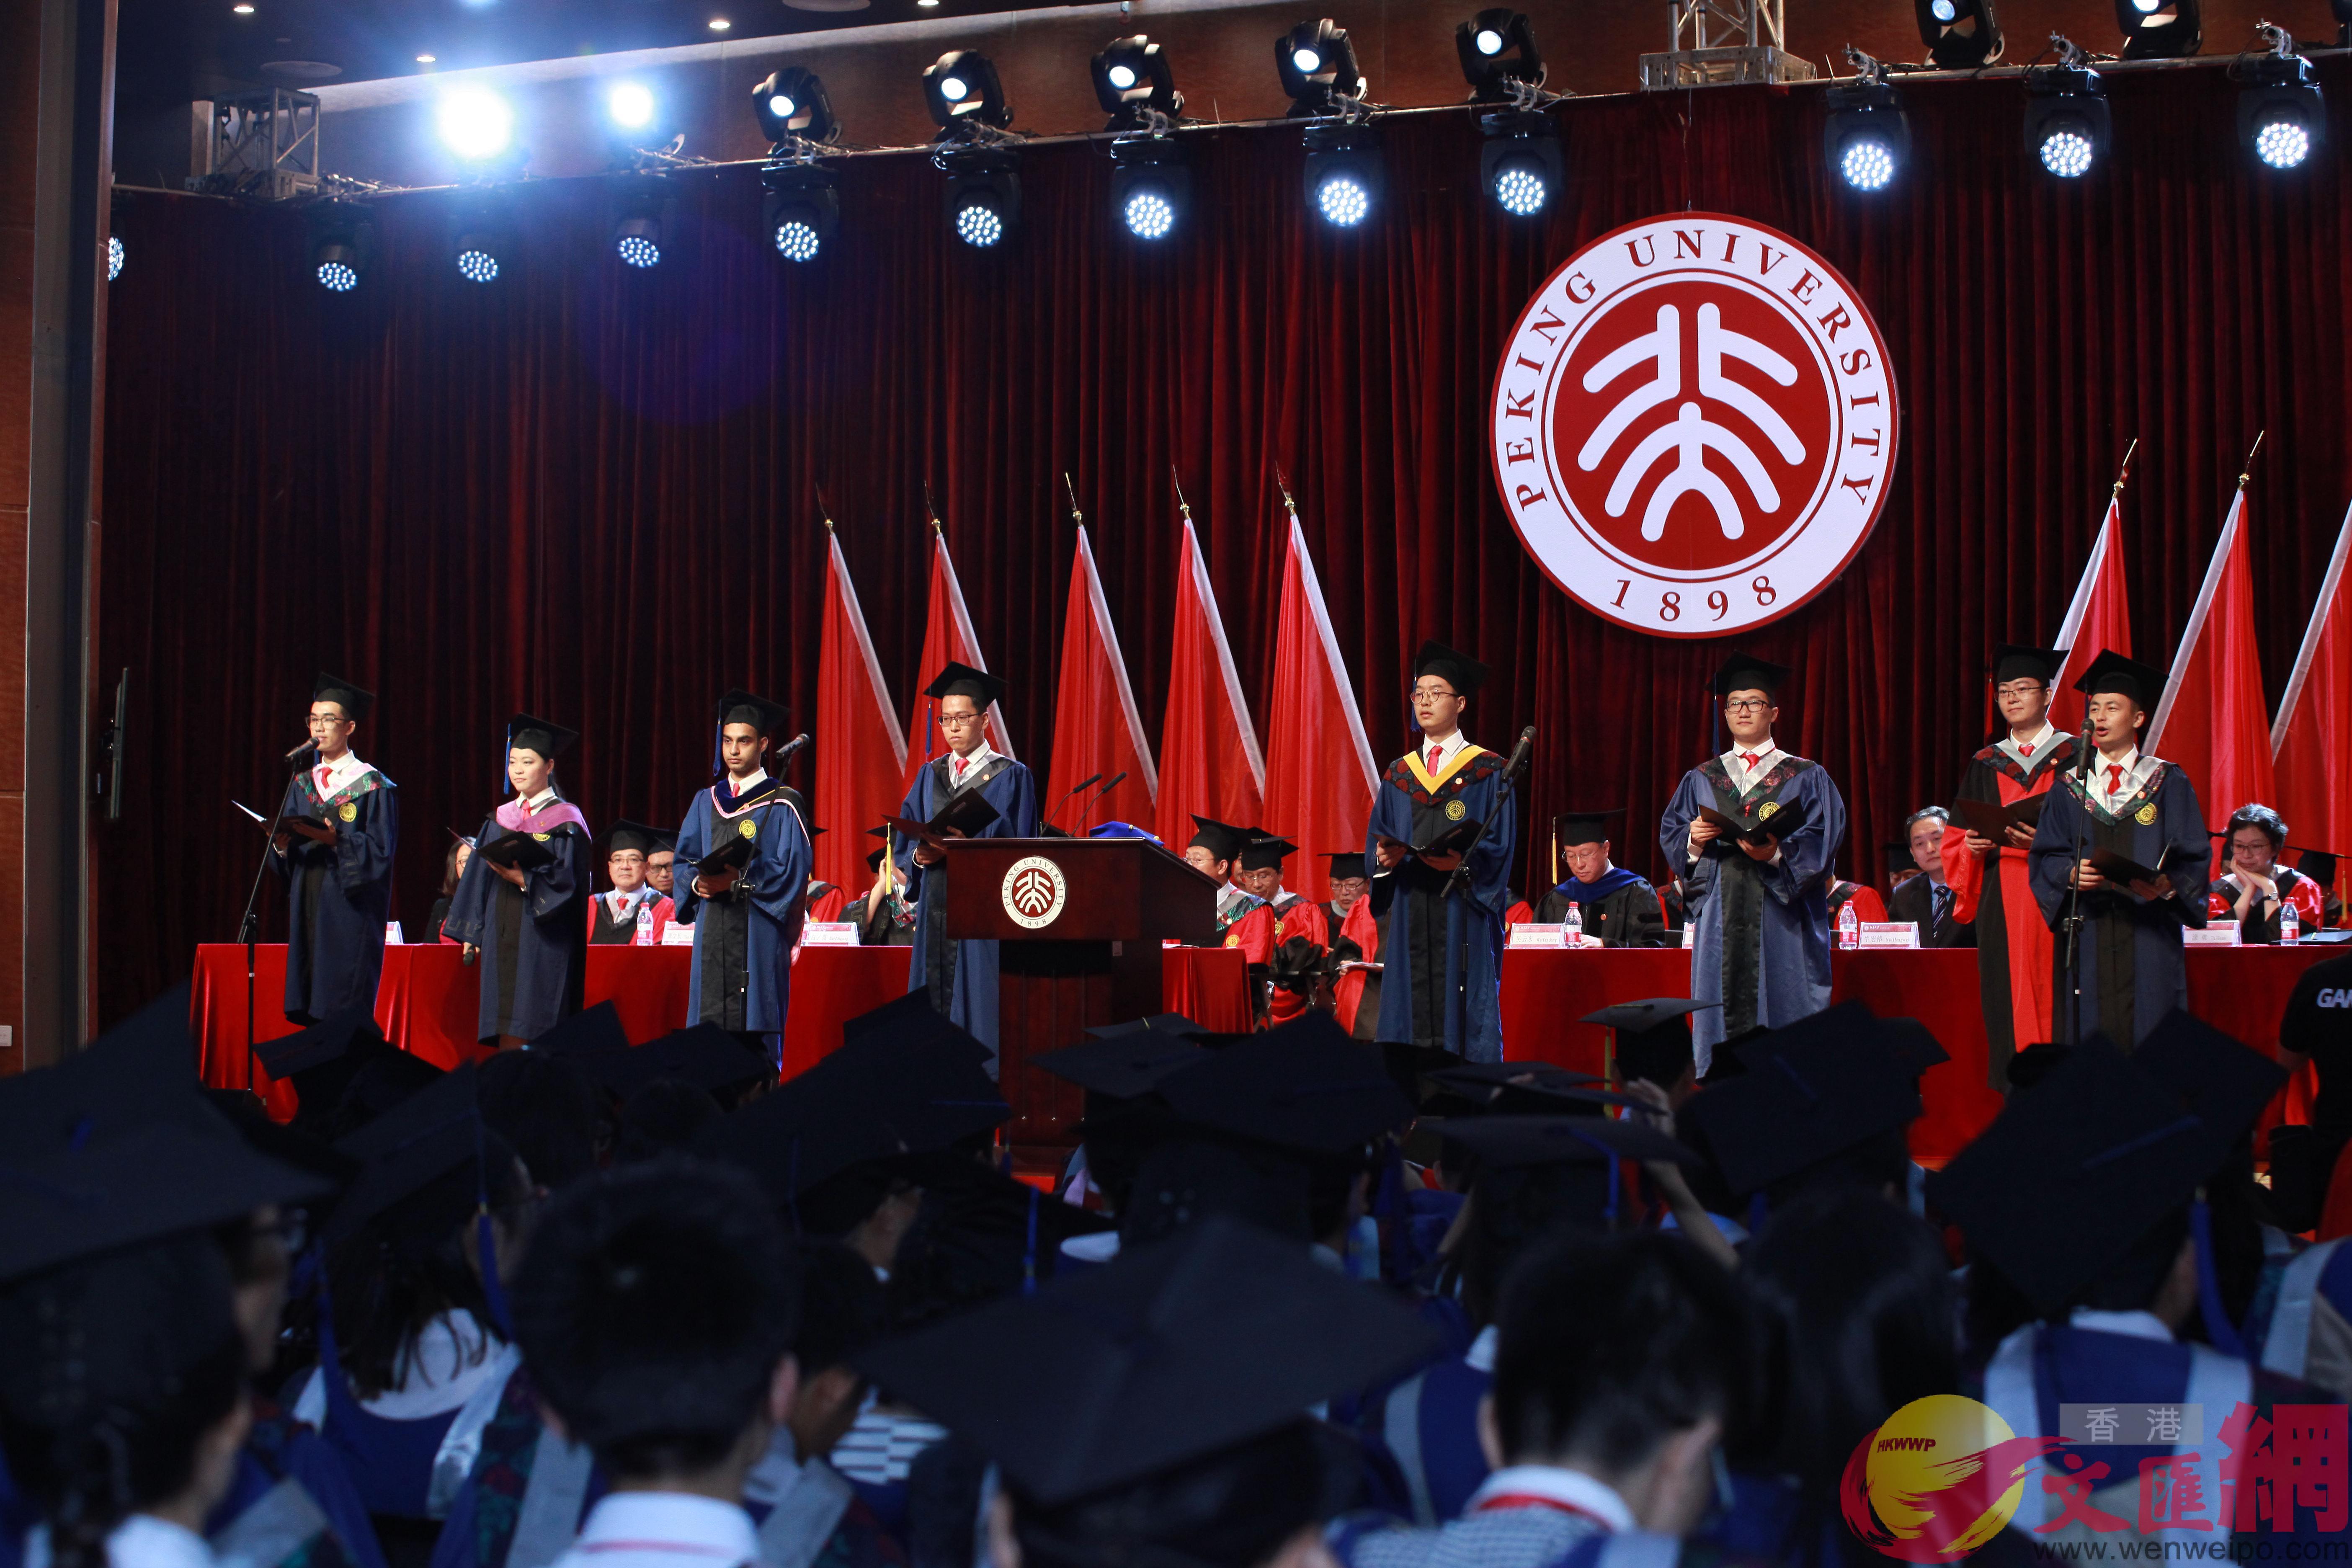 北京大學深圳研究生院2017年畢業典禮 受訪者供圖